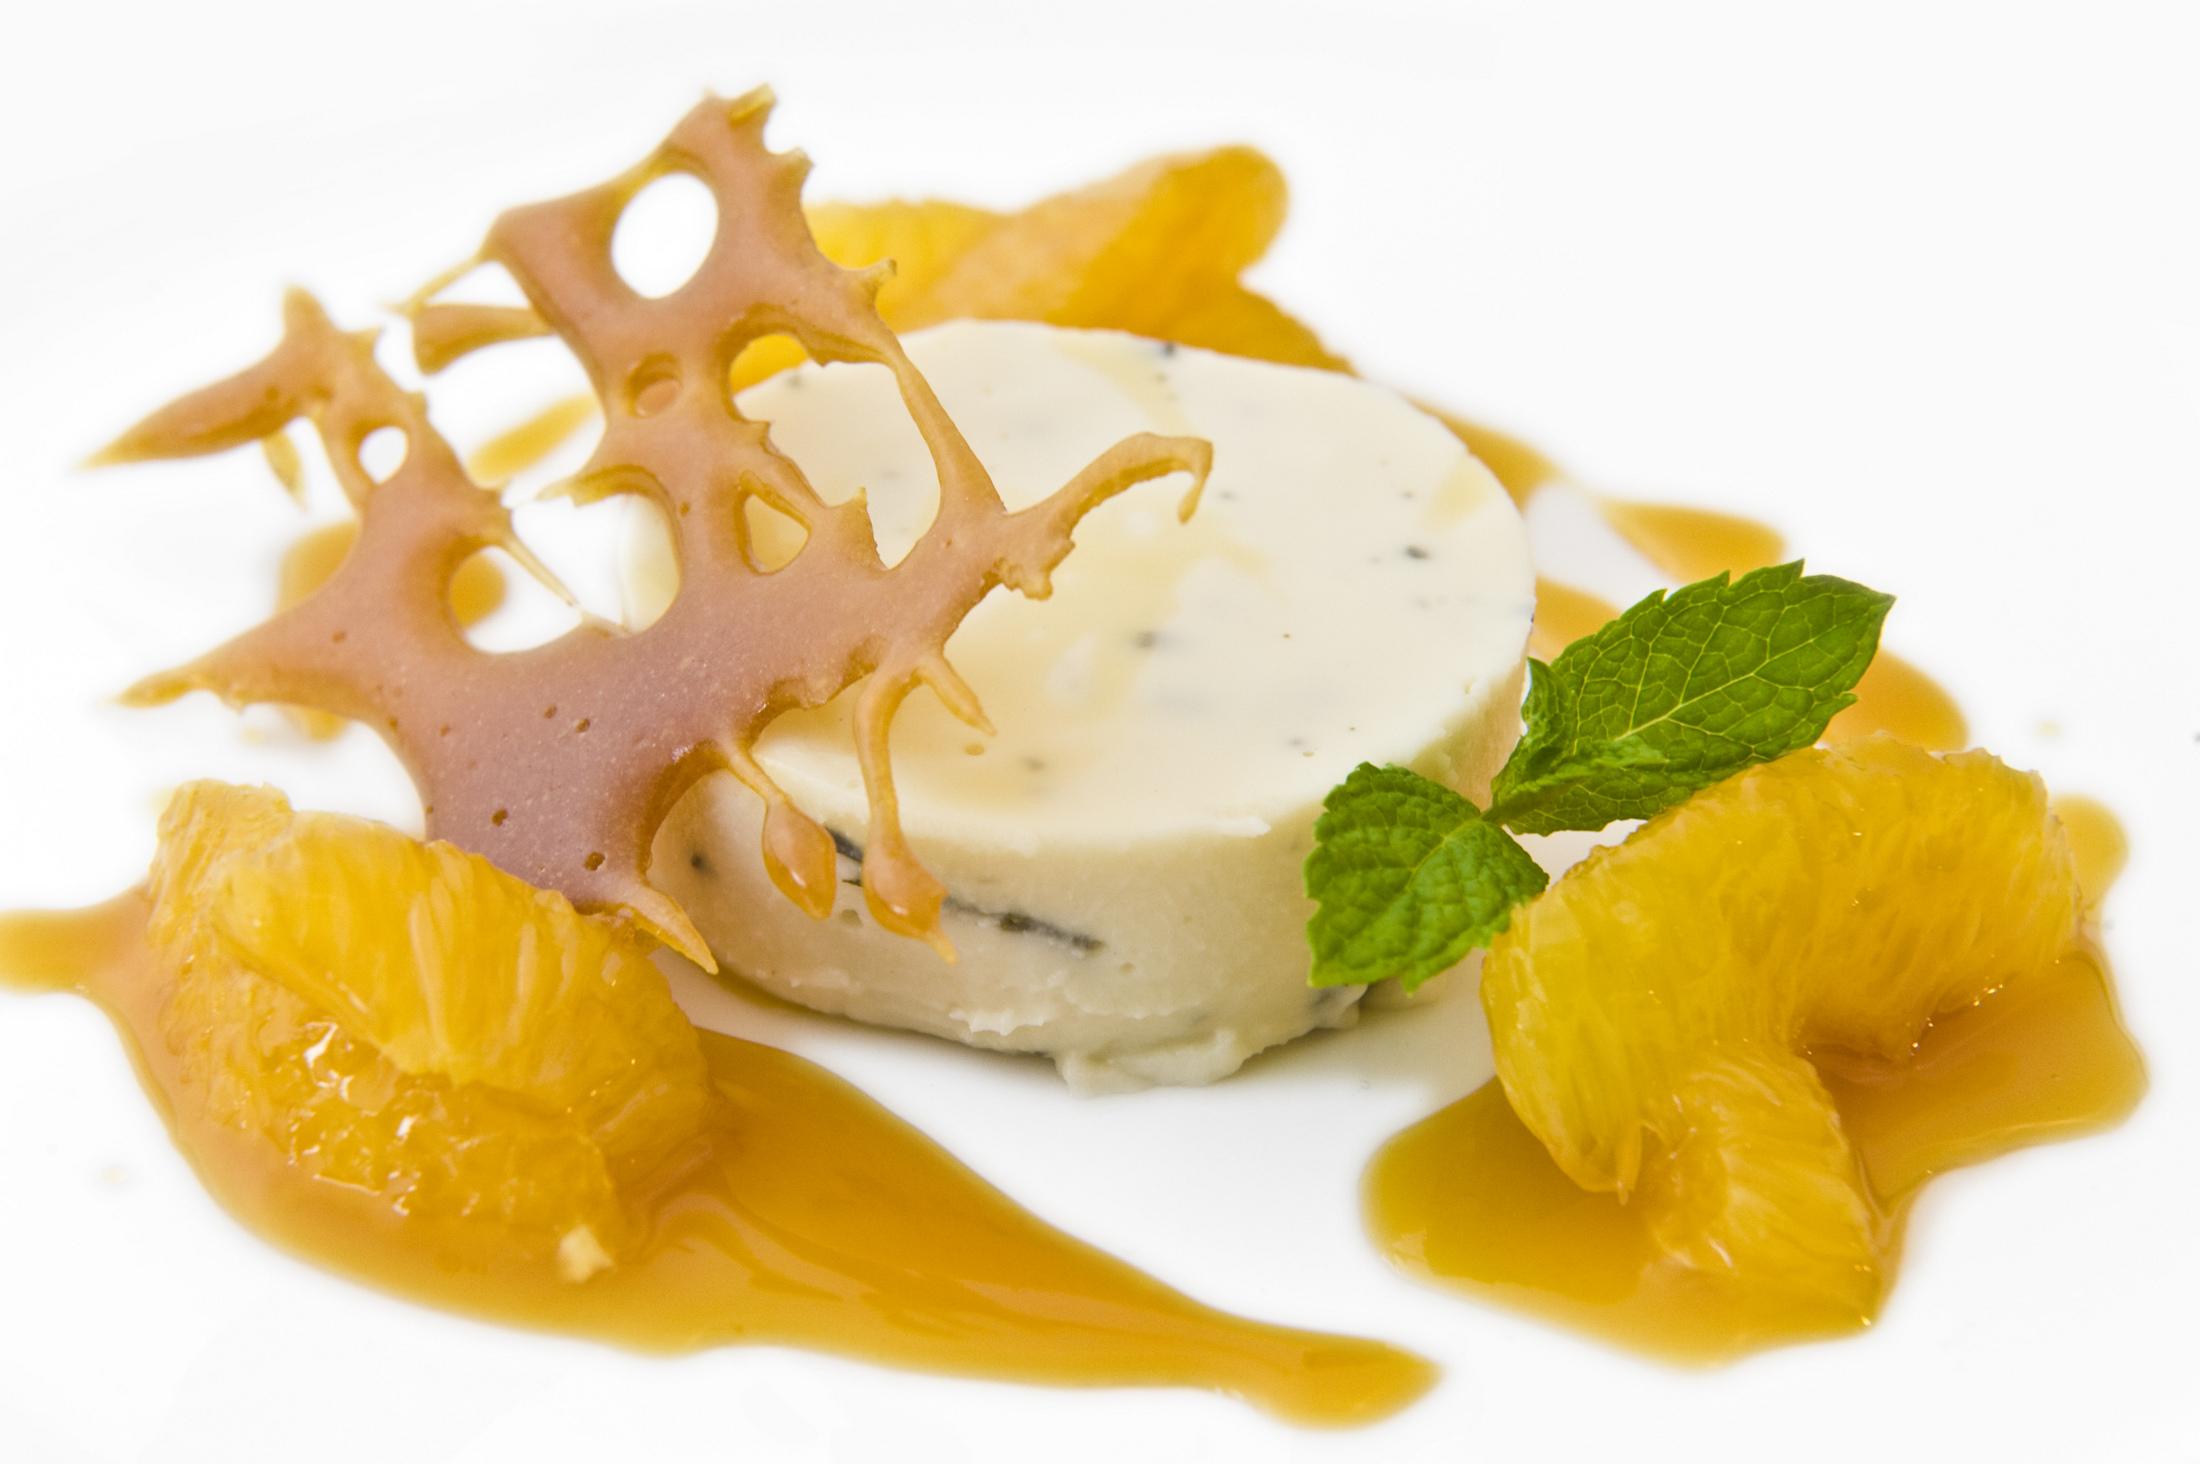 Jasmínová panna cotta s redukcí z pomerančů zdobená křupavým karamelem